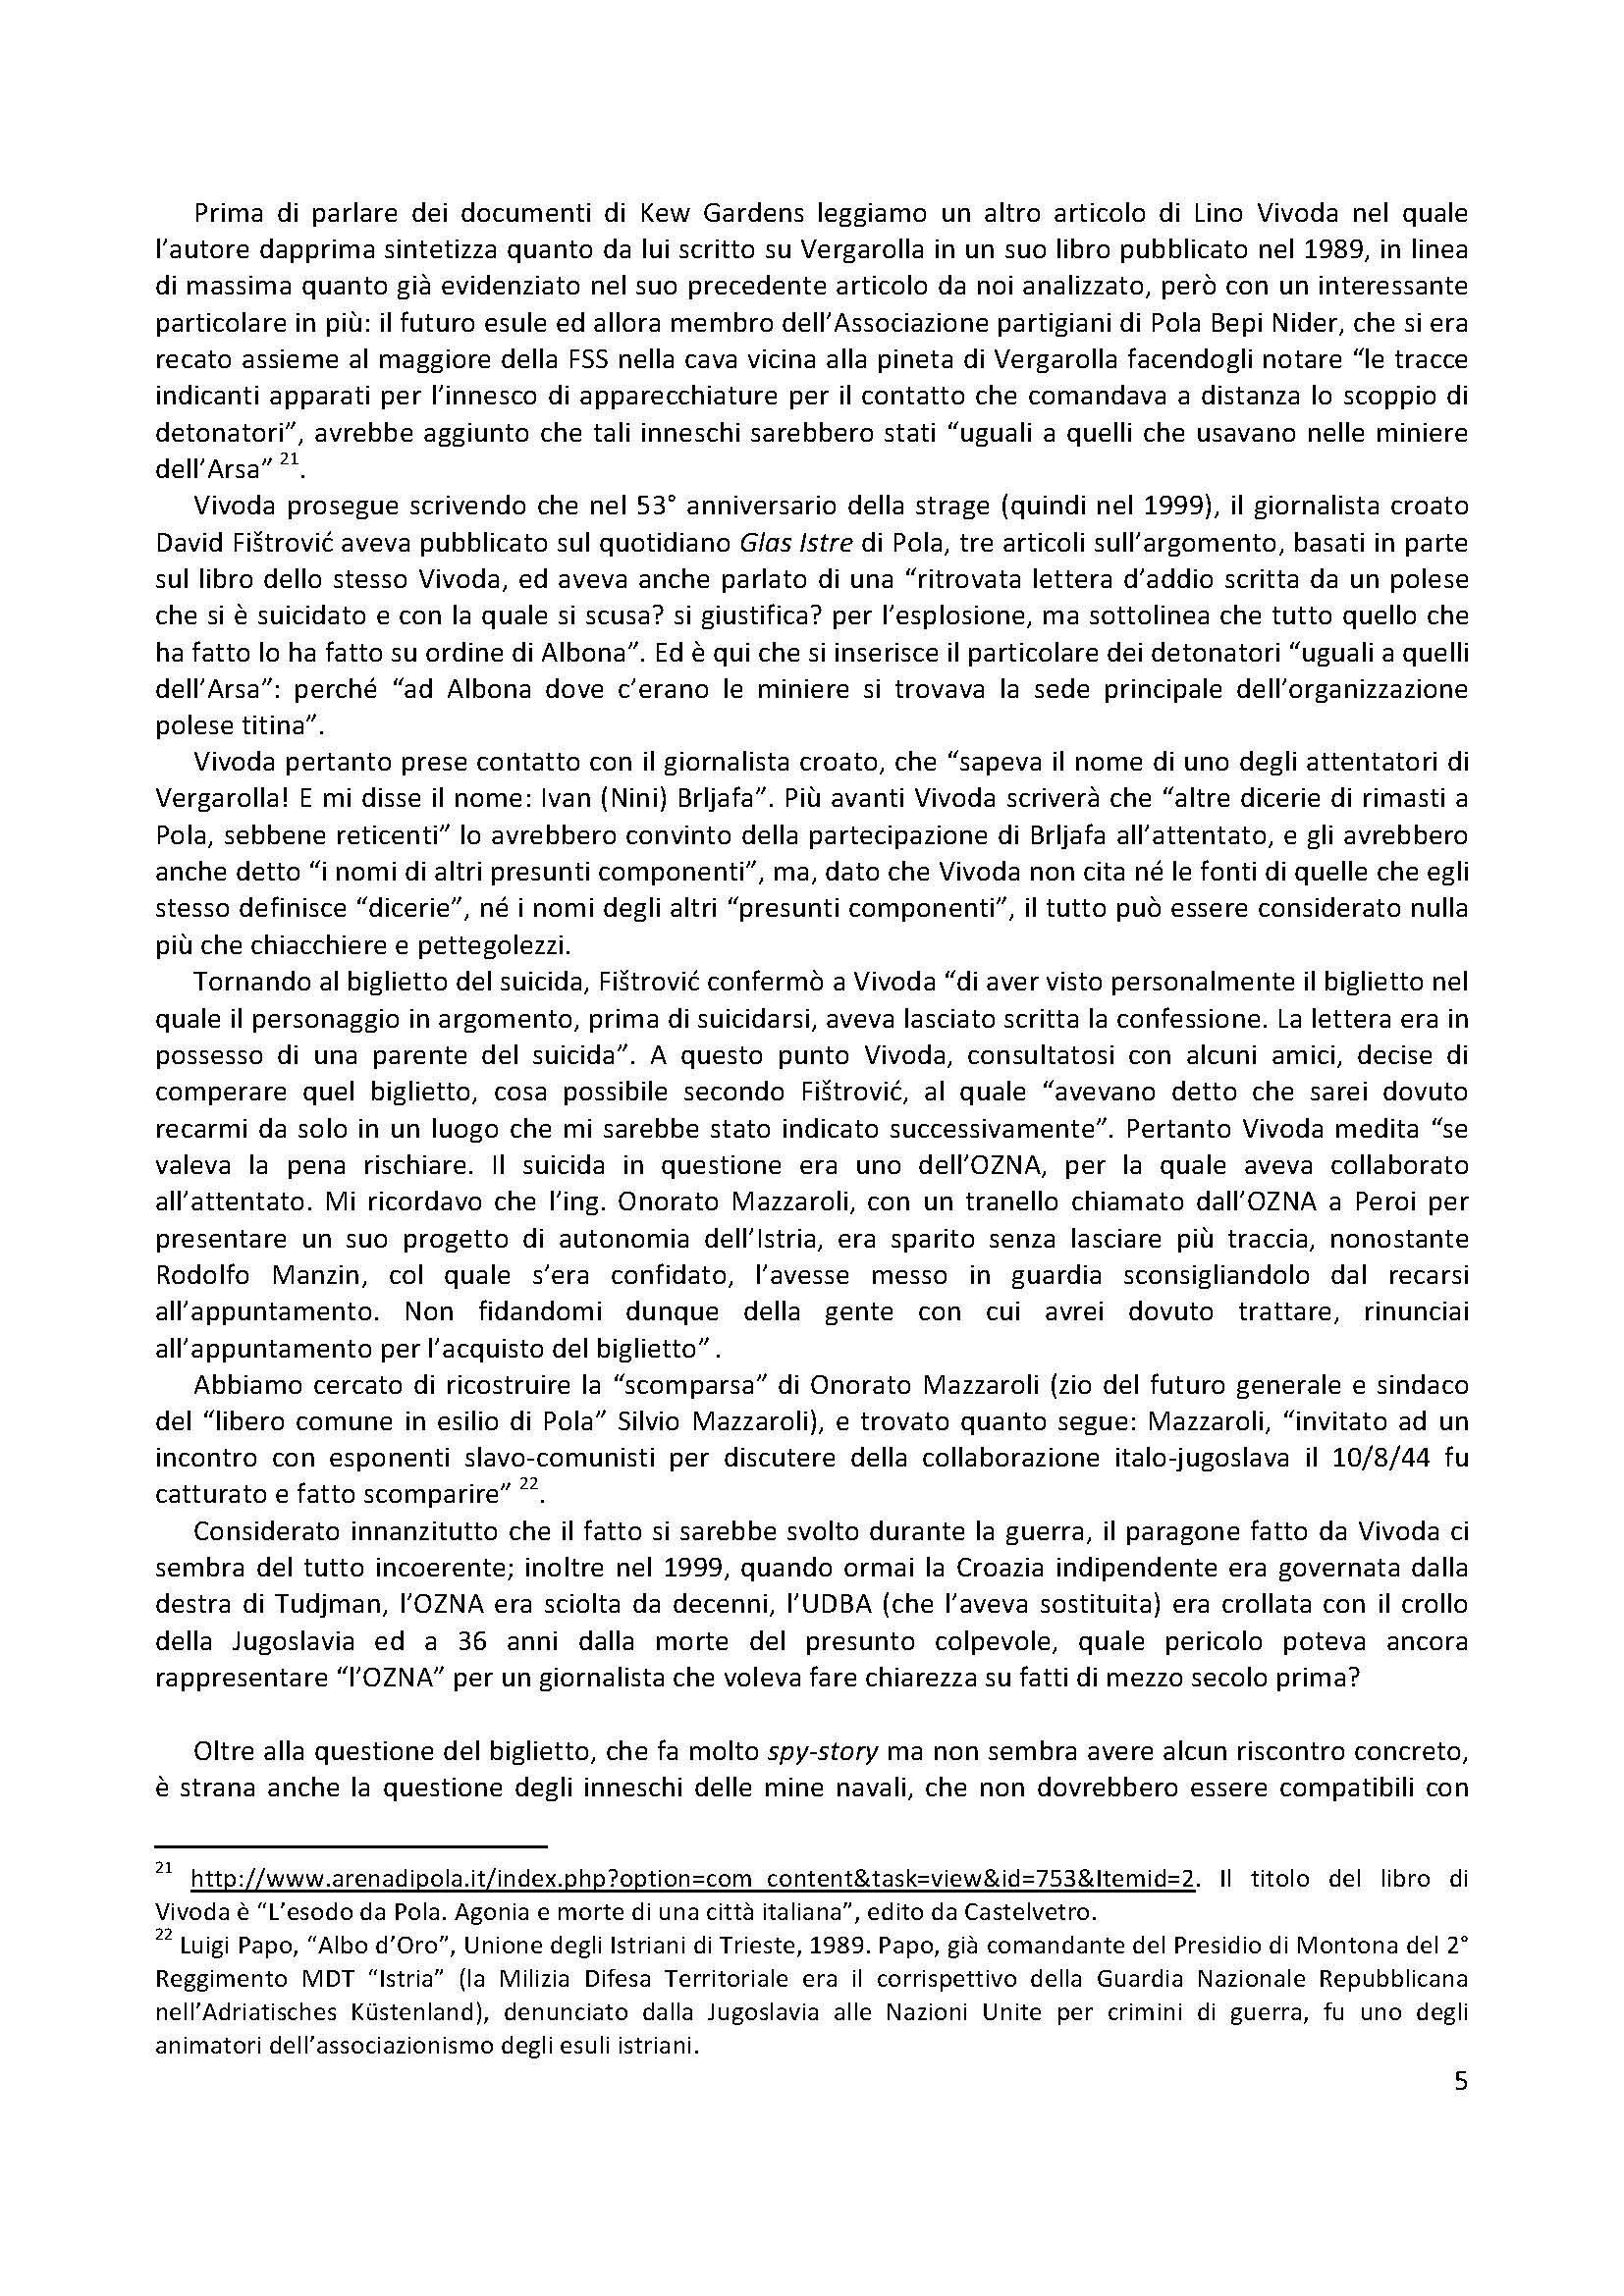 STRATEGIA-DELLA-TENSIONE-IN-ISTRIA (1)_Page_5